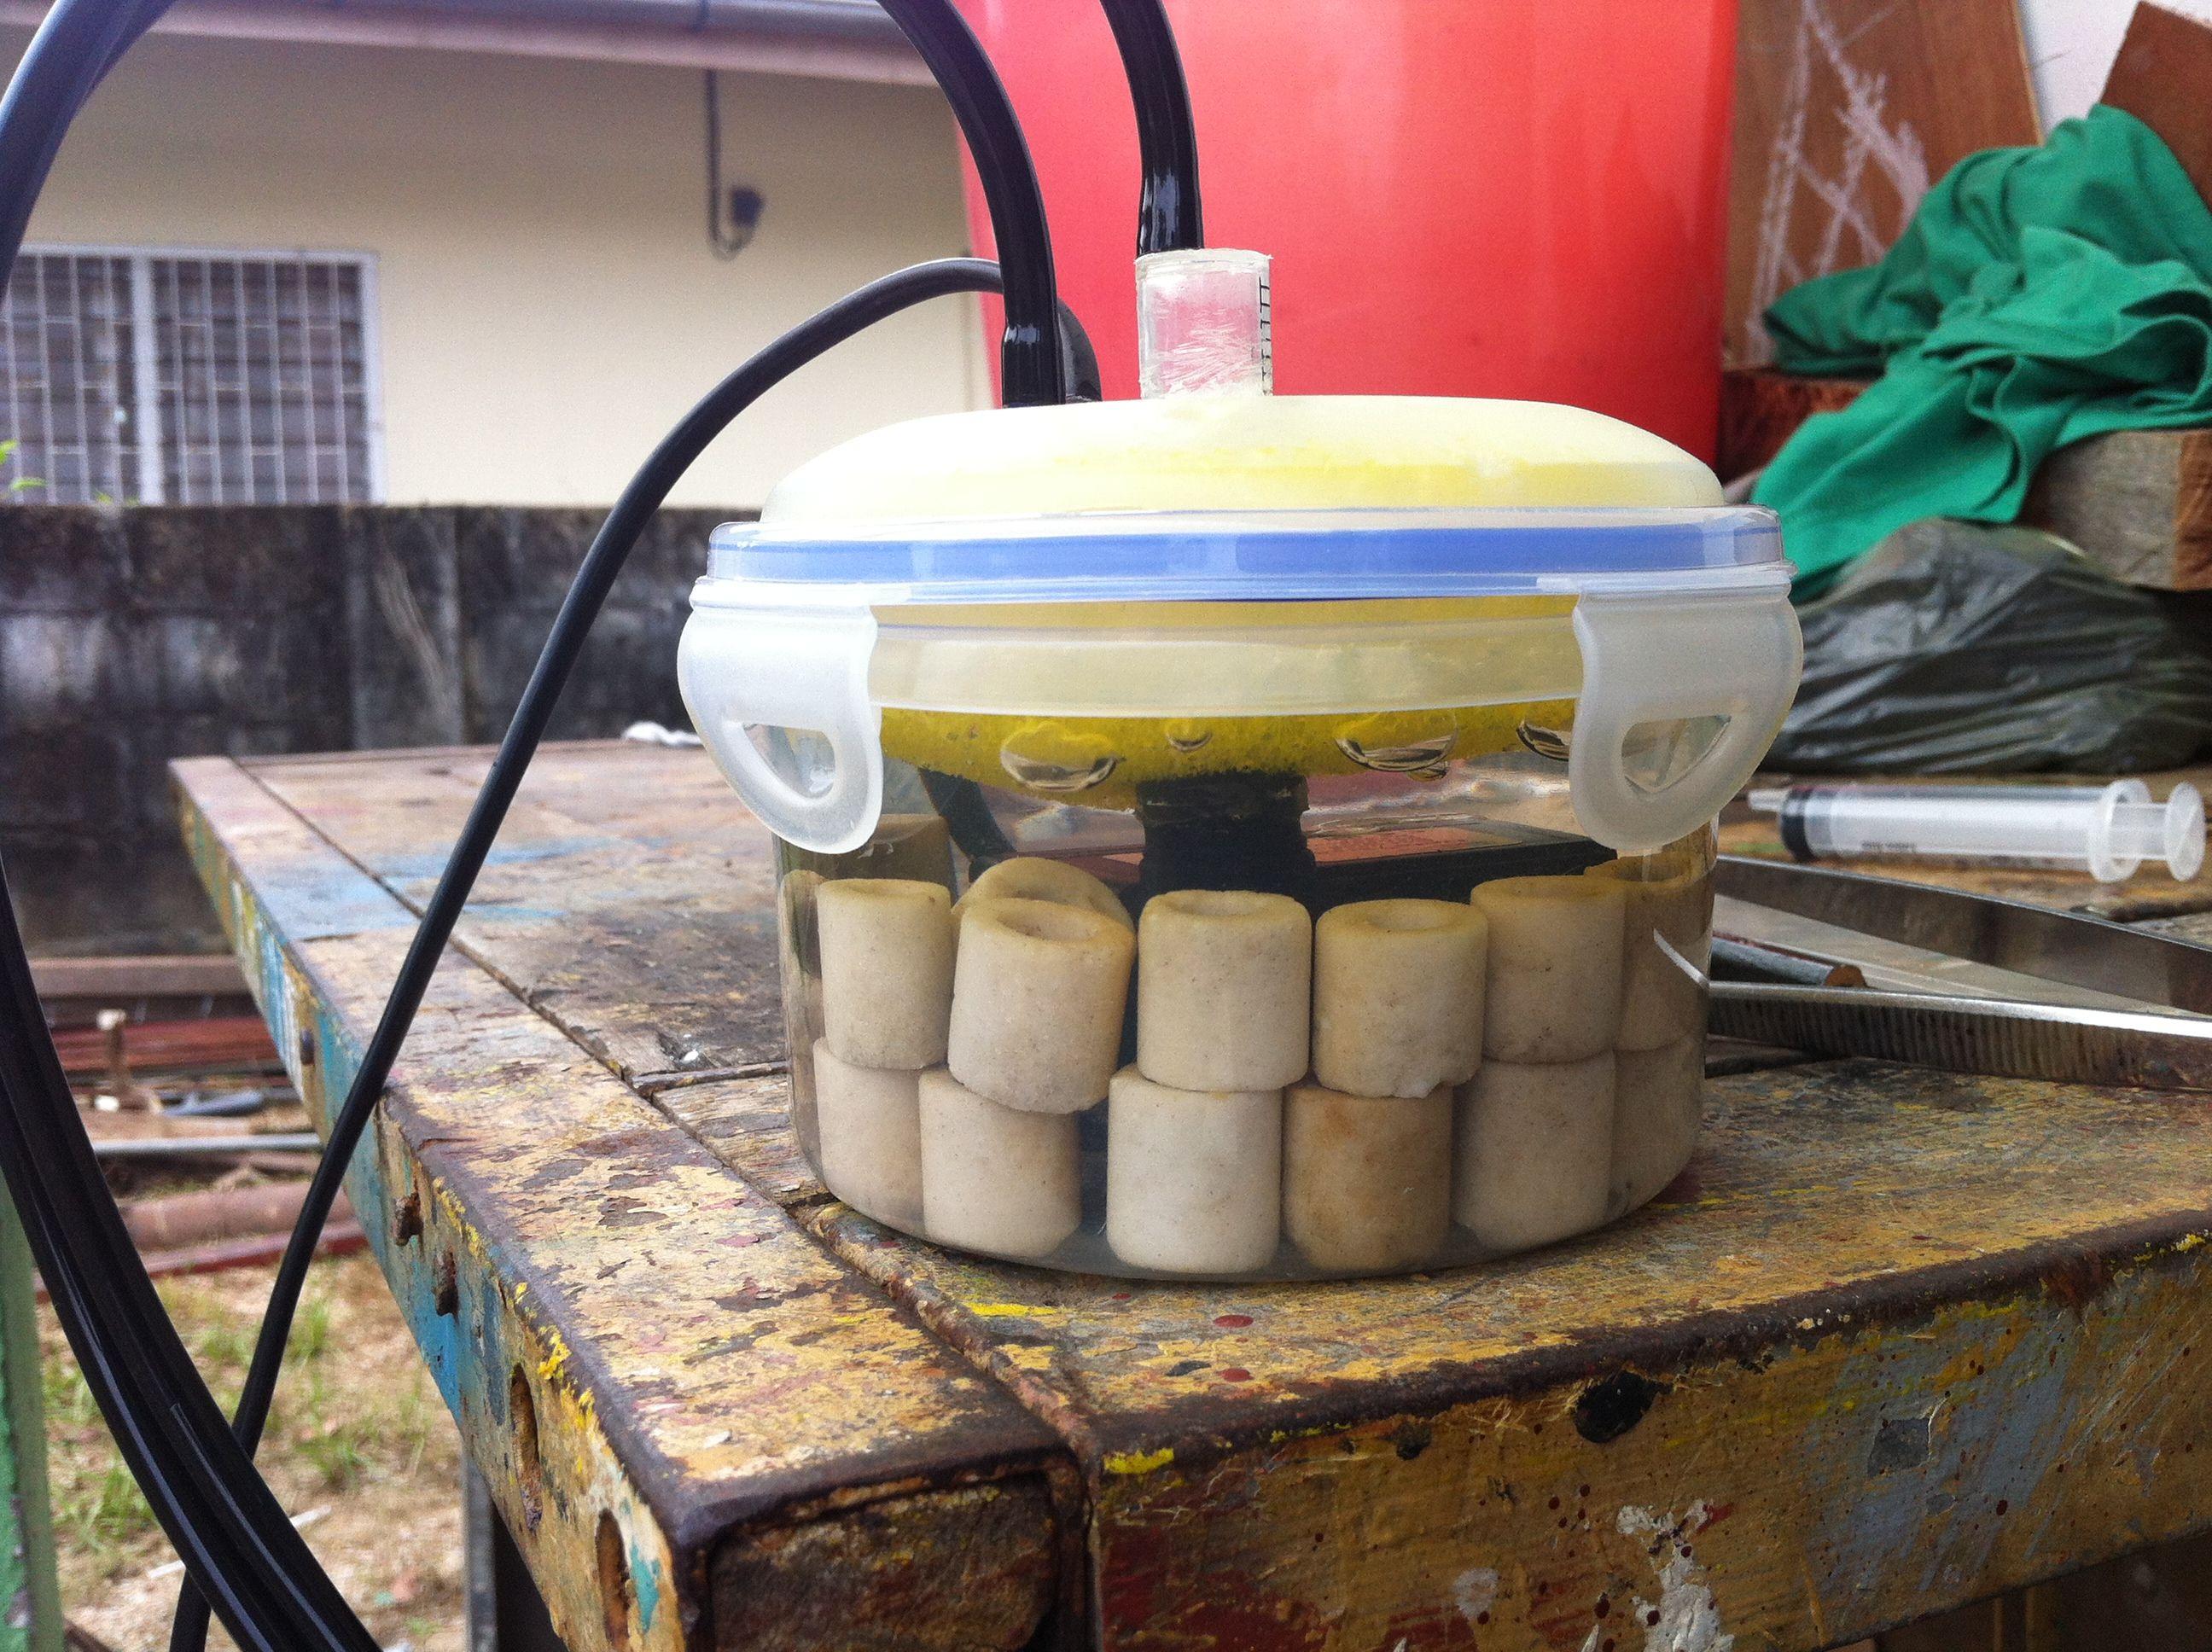 Diy pico aquarium filter aquaria pinterest aquarium for Fish tank filter homemade